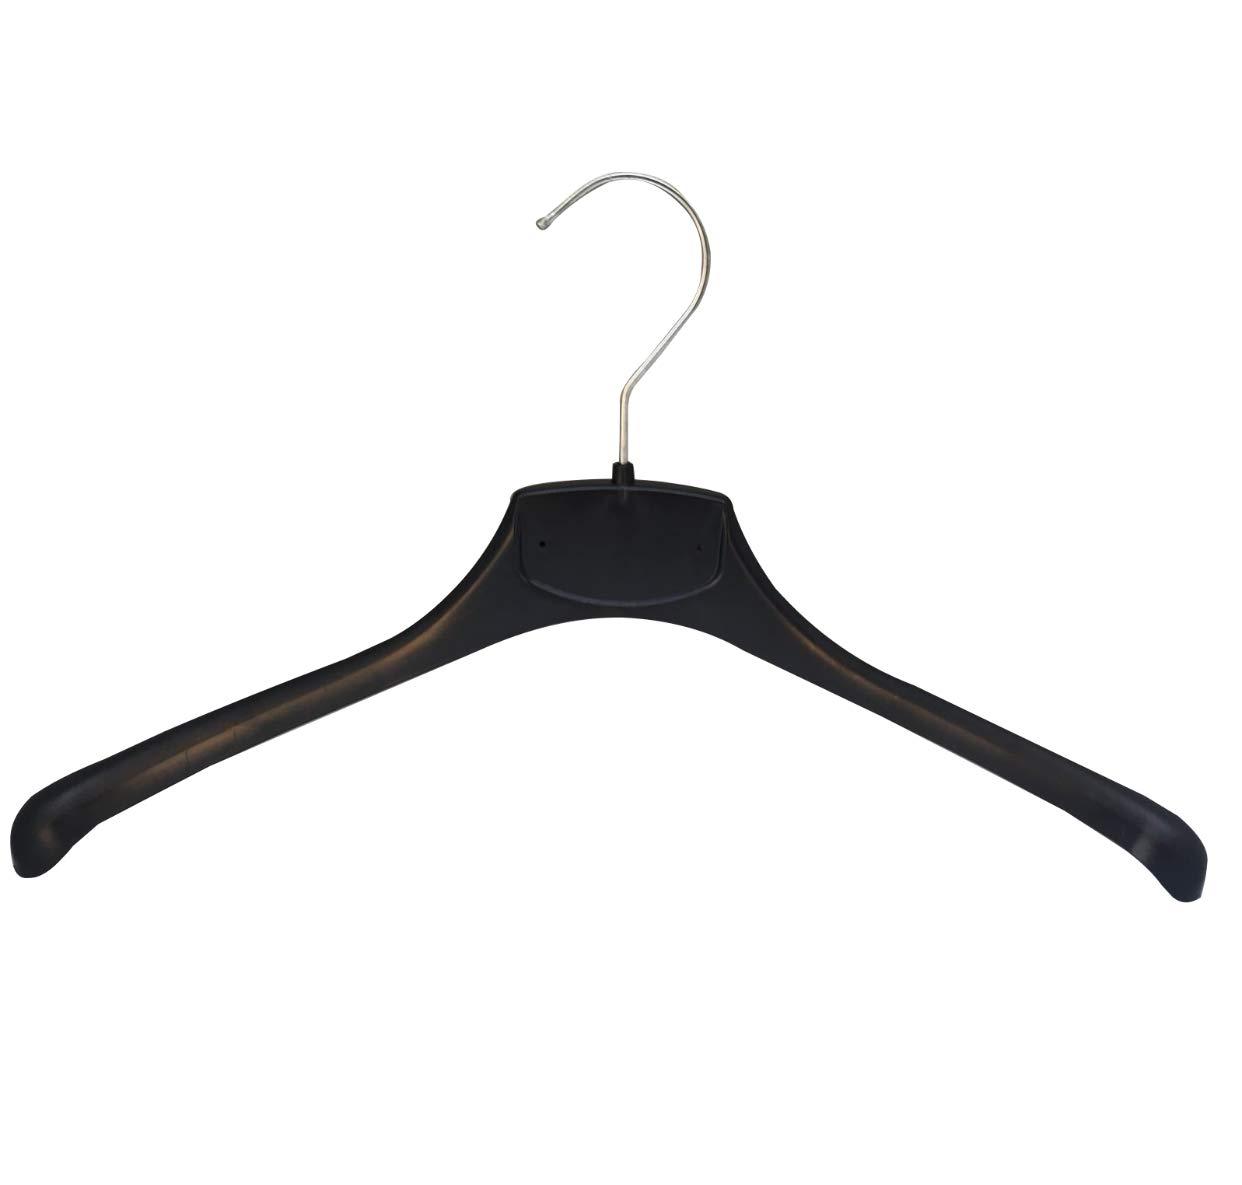 Kiroplast 25 St/ück Kleiderb/ügel f/ür T-Shirt Kleiderb/ügel f/ür Hemden Kleiderb/ügel T-shirts Kleiderb/ügel Tshirt 42 cm